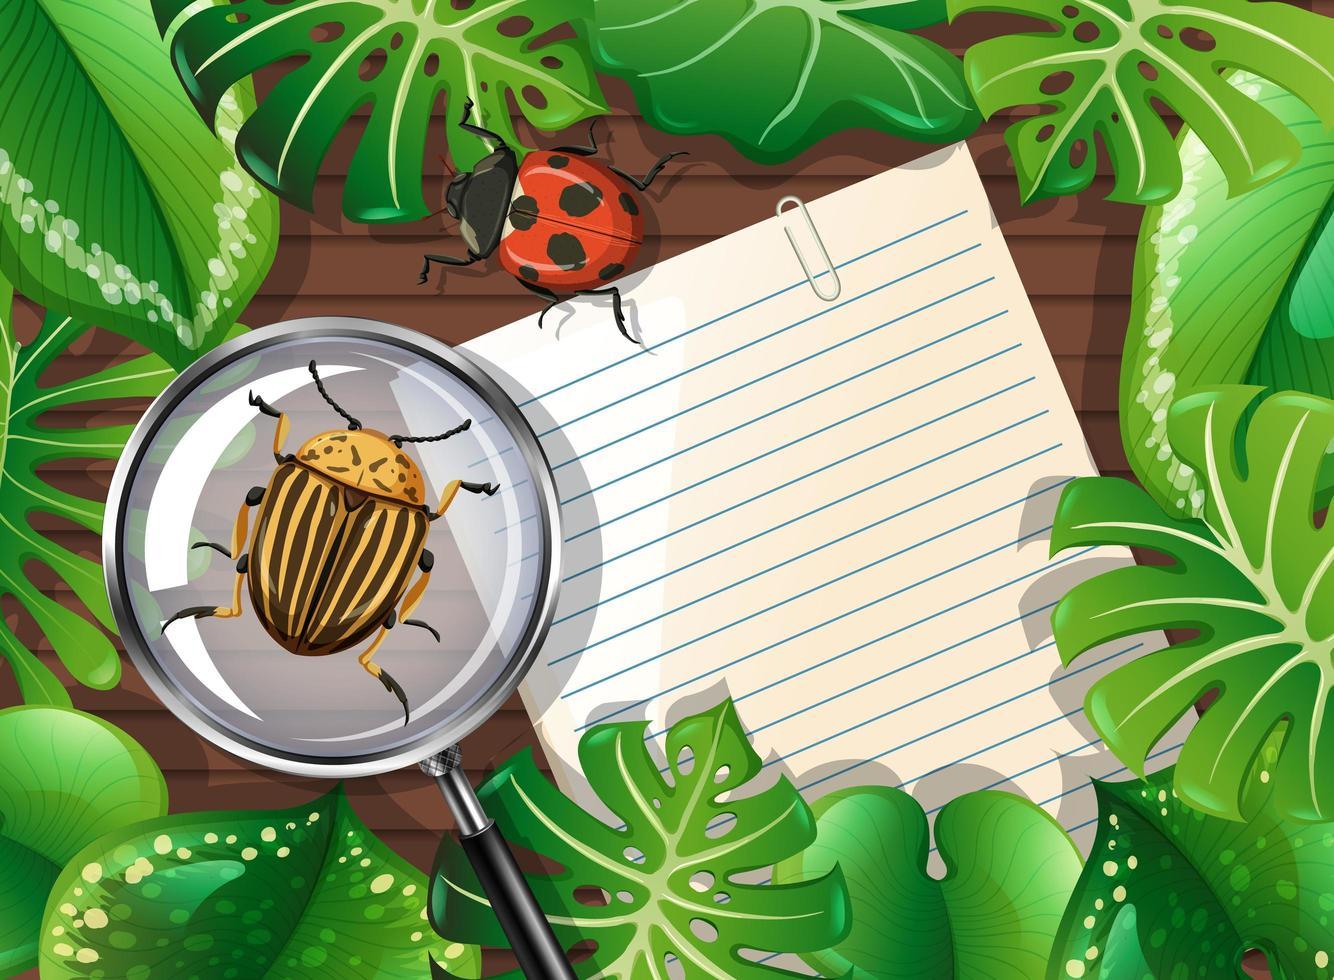 vue de dessus de table avec papier, insectes et feuillage vecteur